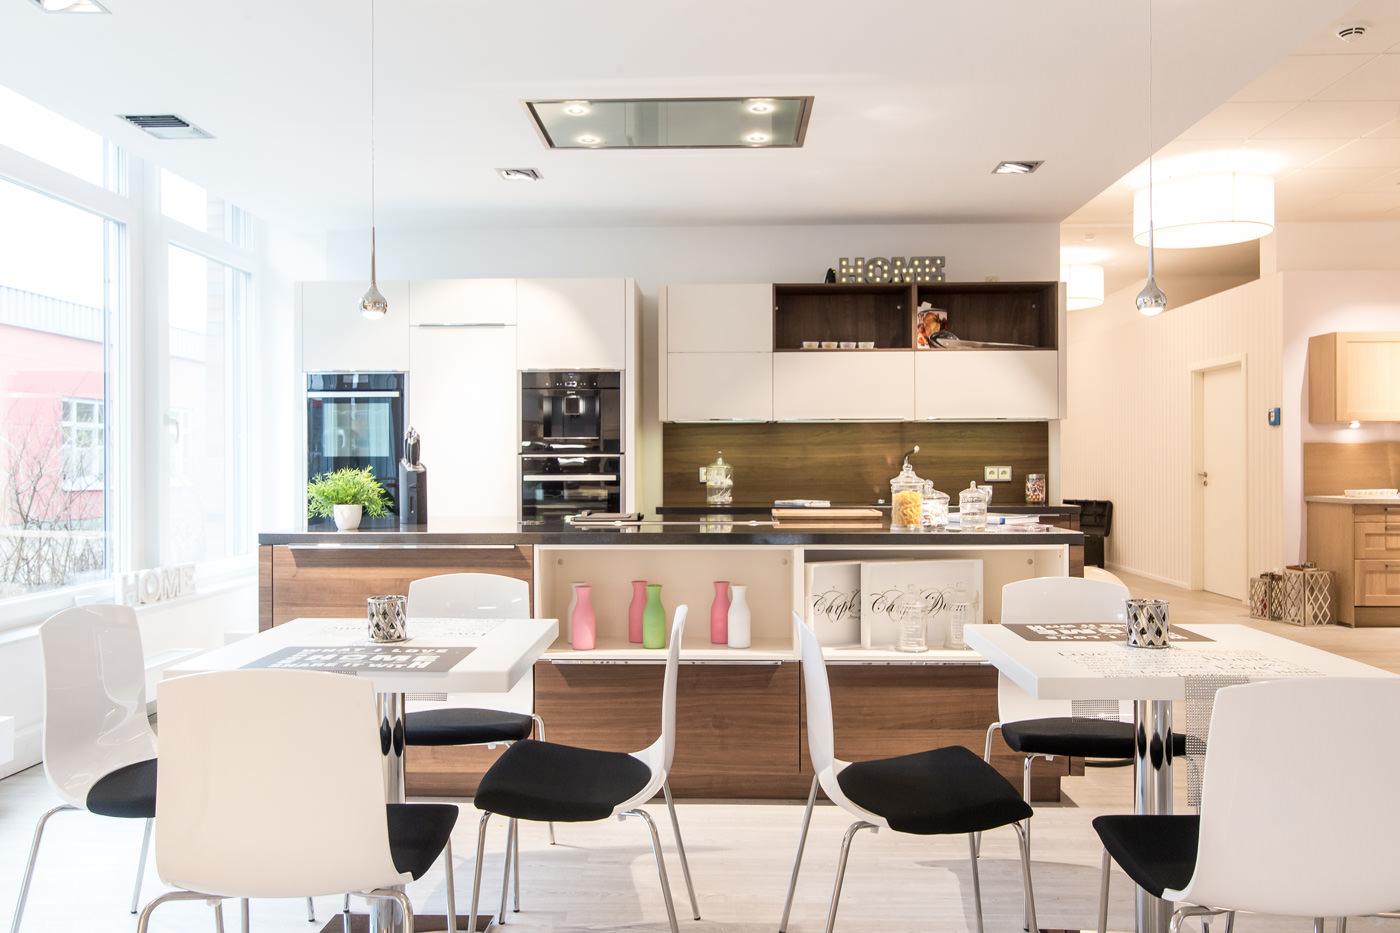 Küchenausstellung in Lübeck Küchen aller Art – Küchen